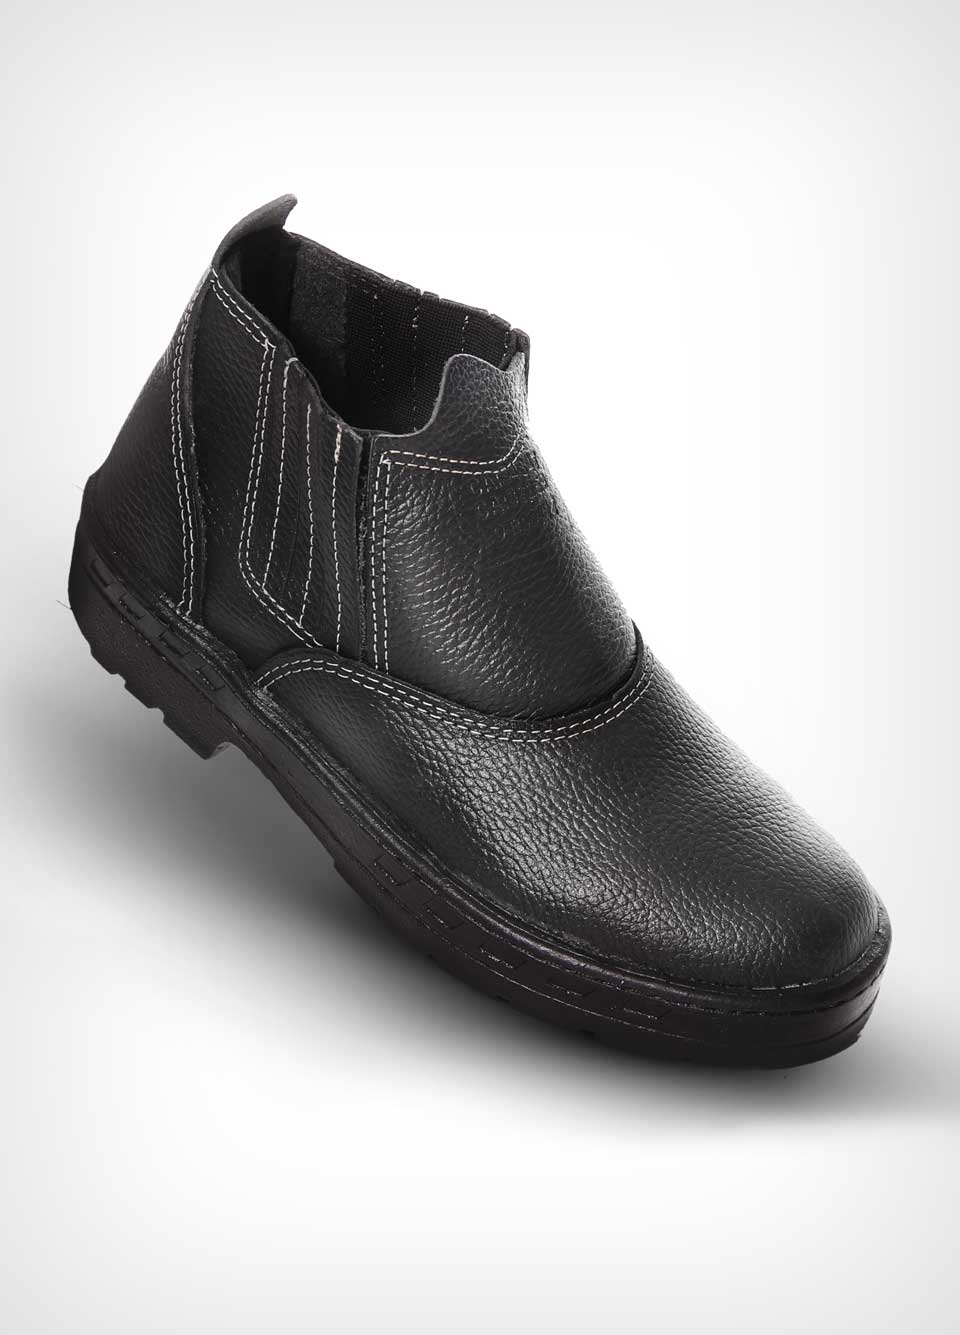 calcado-de-seguranca-bota-com-elastico-essencial-1